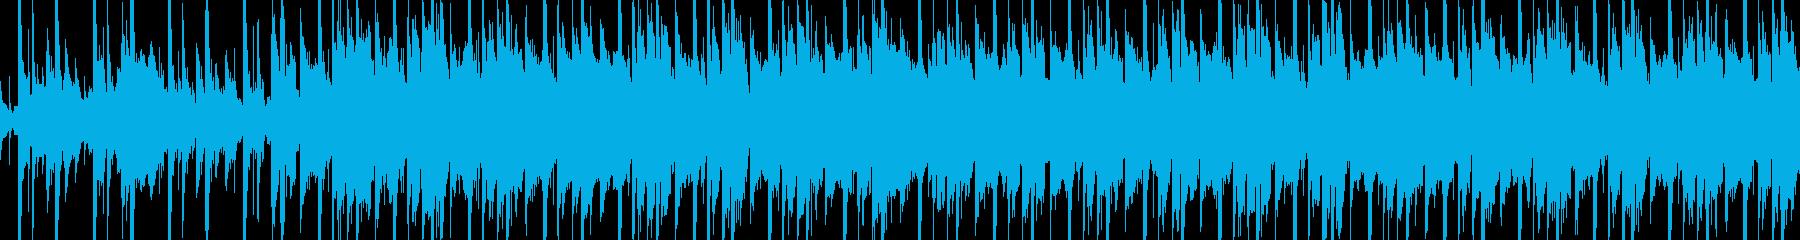 メロトロンの響きが回想シーンを思わせる曲の再生済みの波形